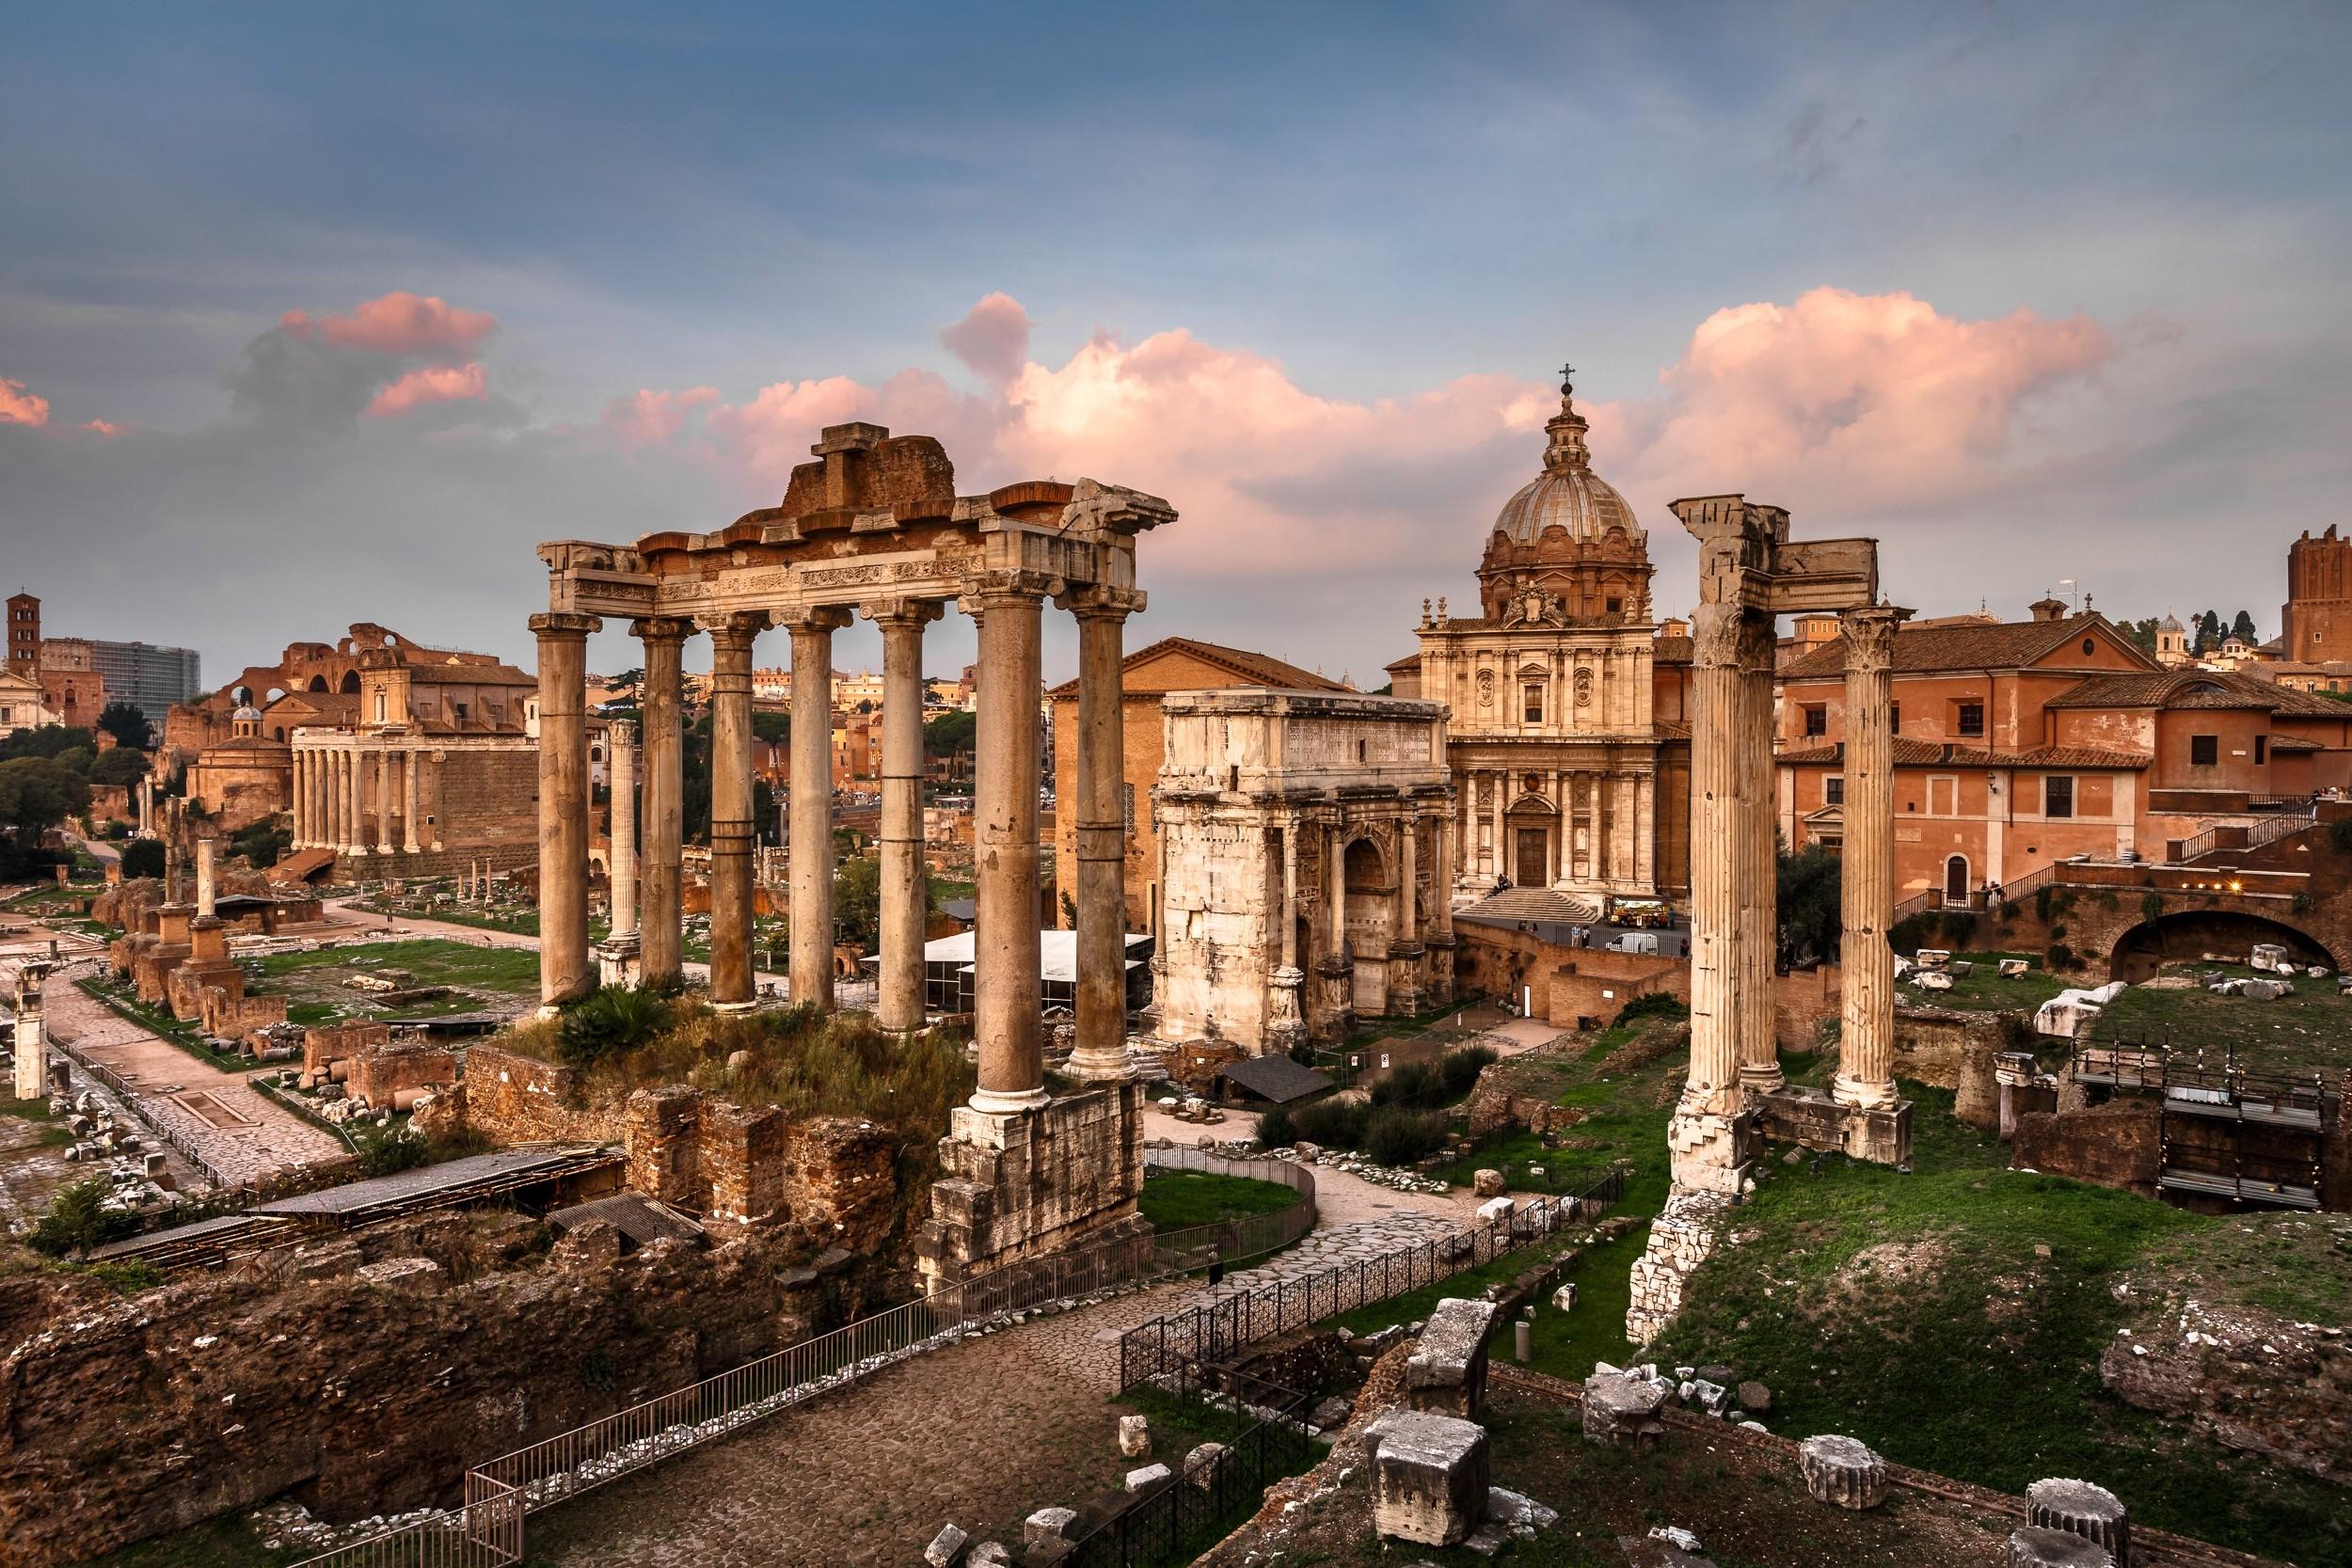 204881-nature-landscape-Rome-old_building.jpg